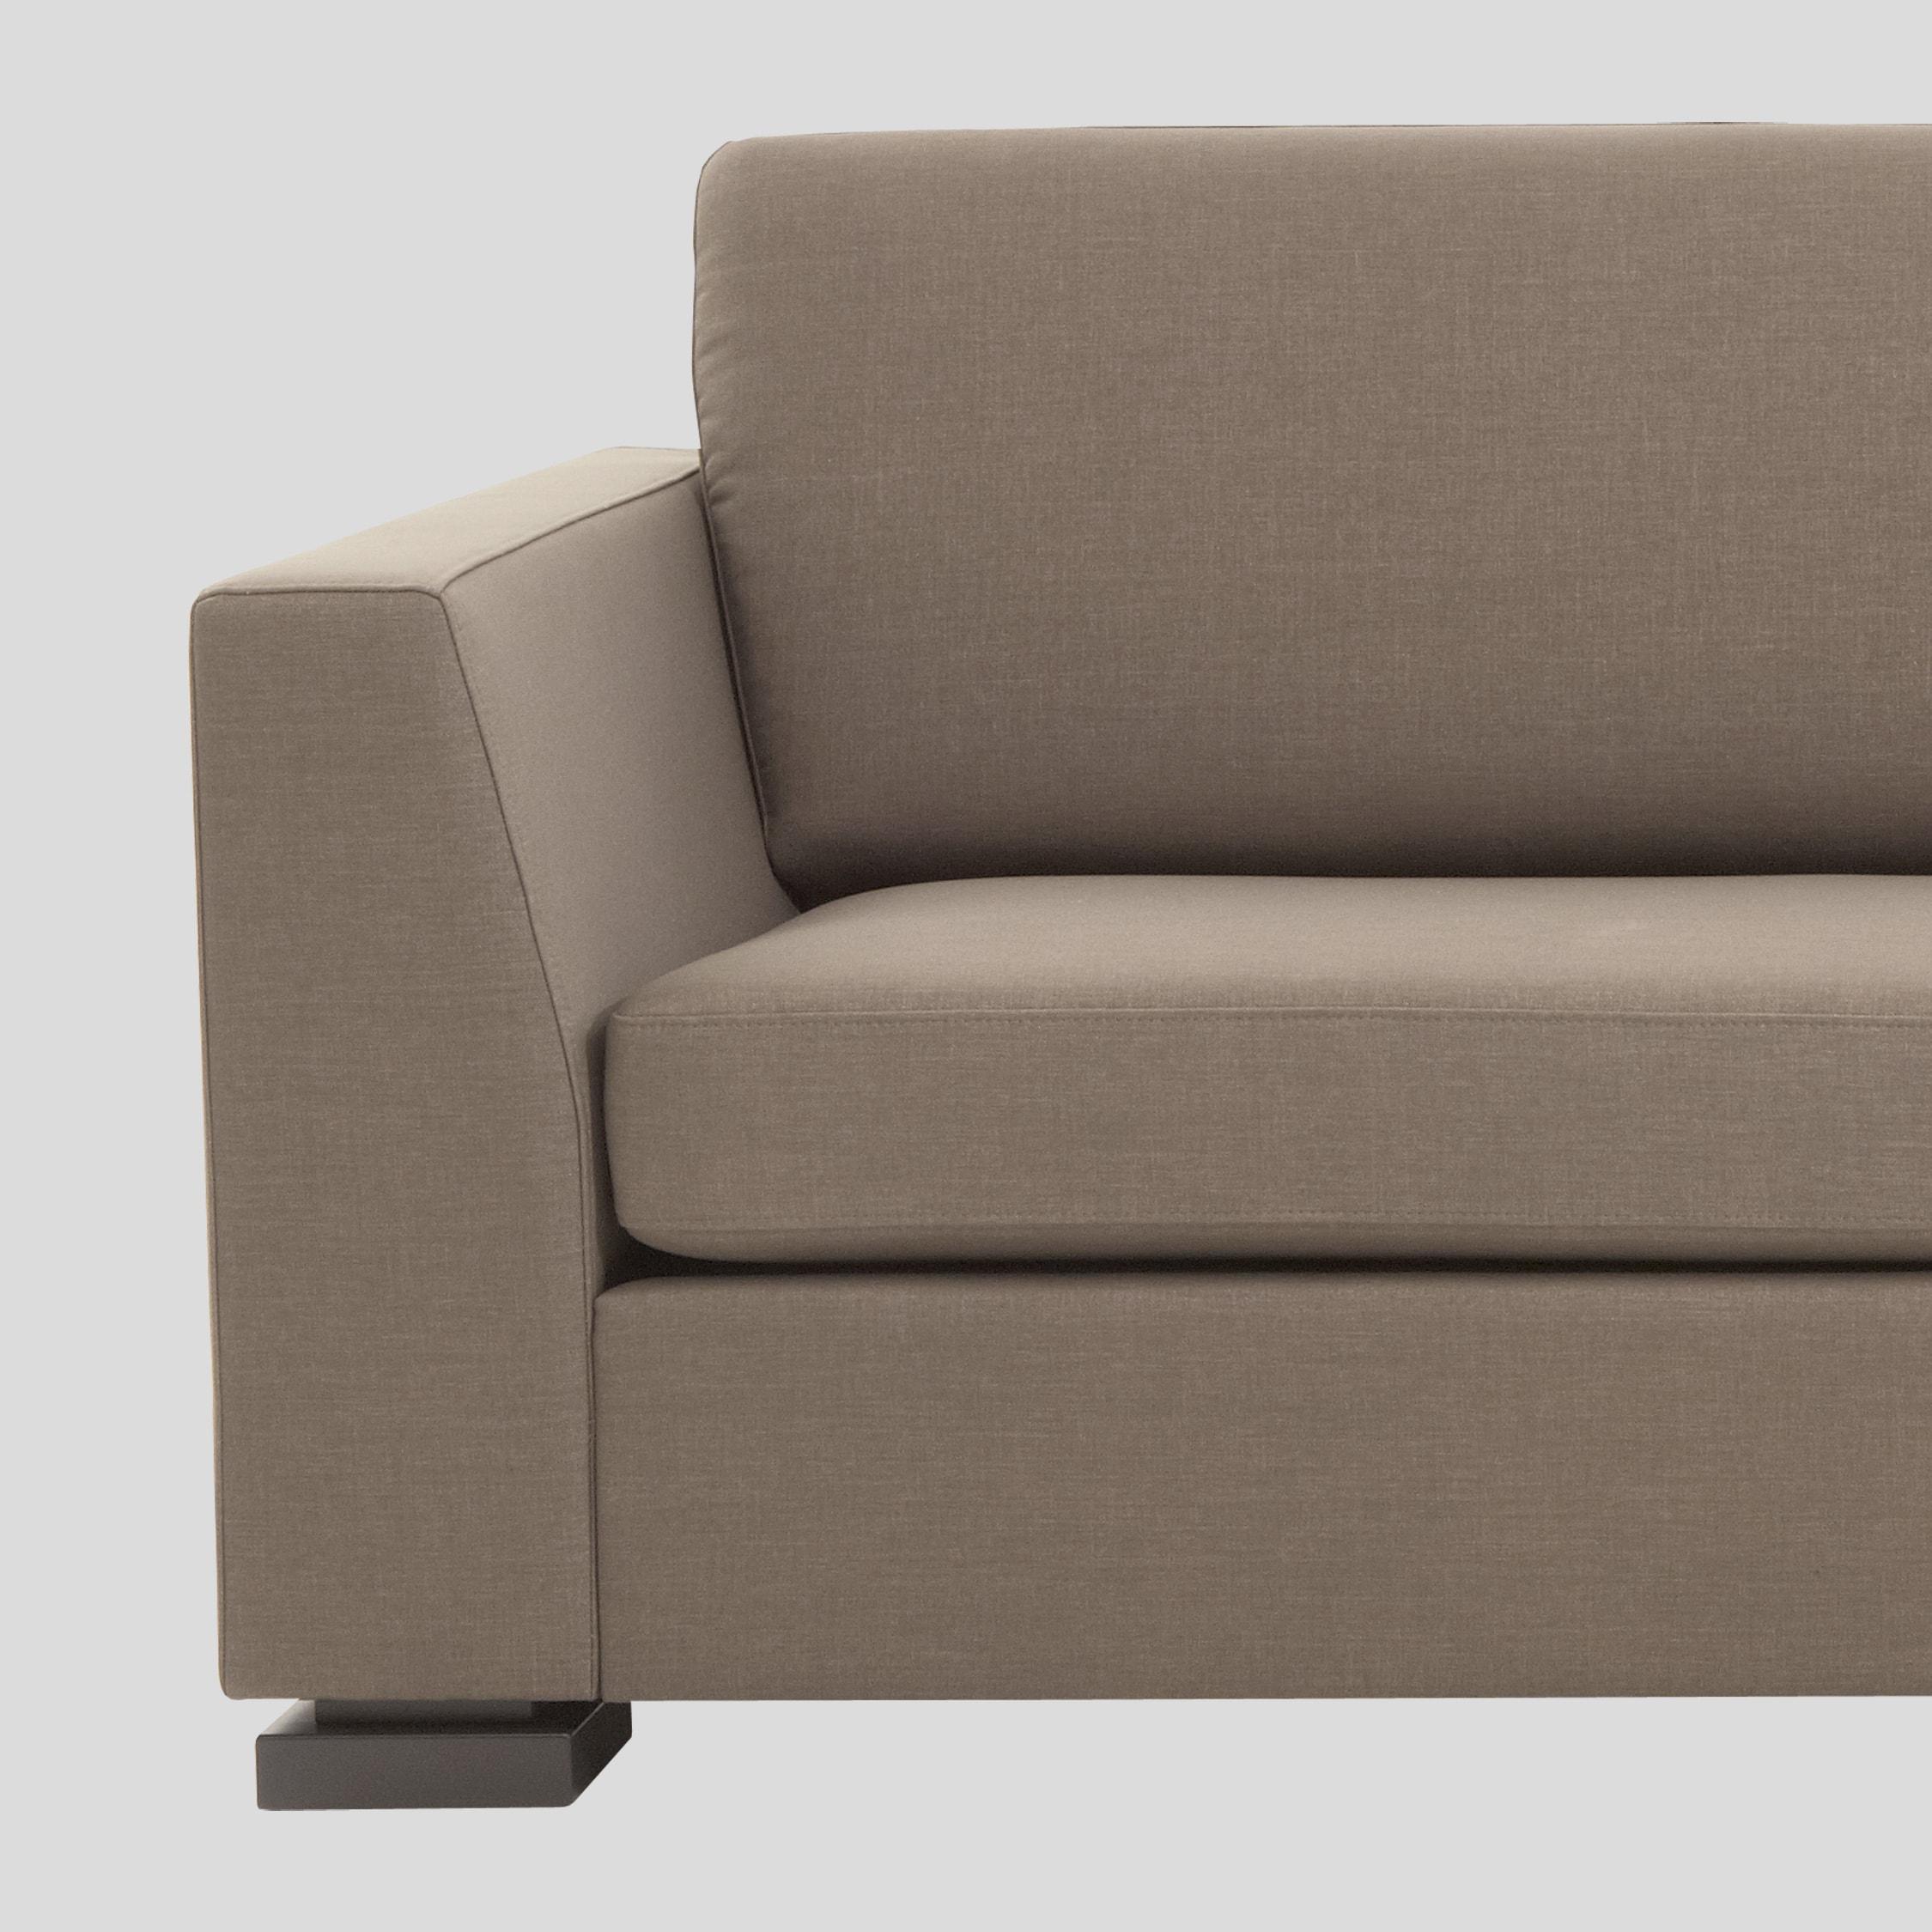 Möbel design  Möbeldesign von der Kunst- und Werbeagentur mosaic